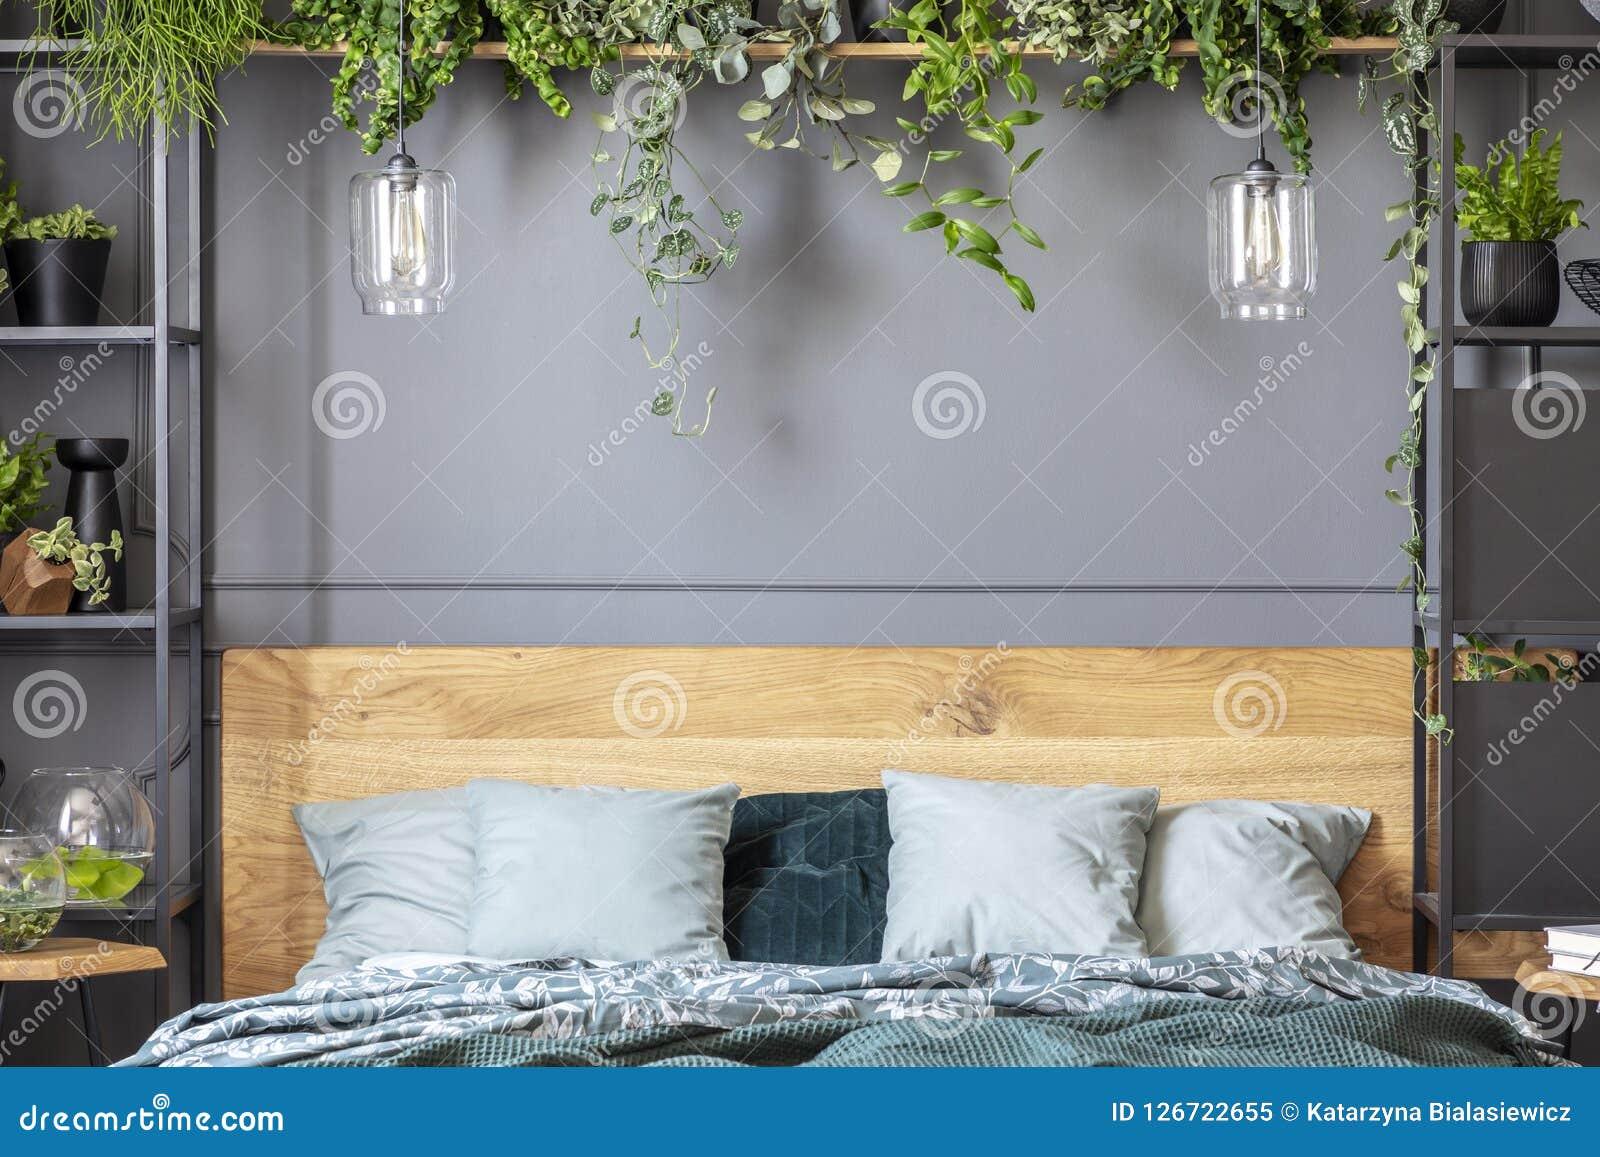 Γκρίζα μαξιλάρια στο κρεβάτι με ξύλινο headboard στα εσωτερικά WI κρεβατοκάμαρων